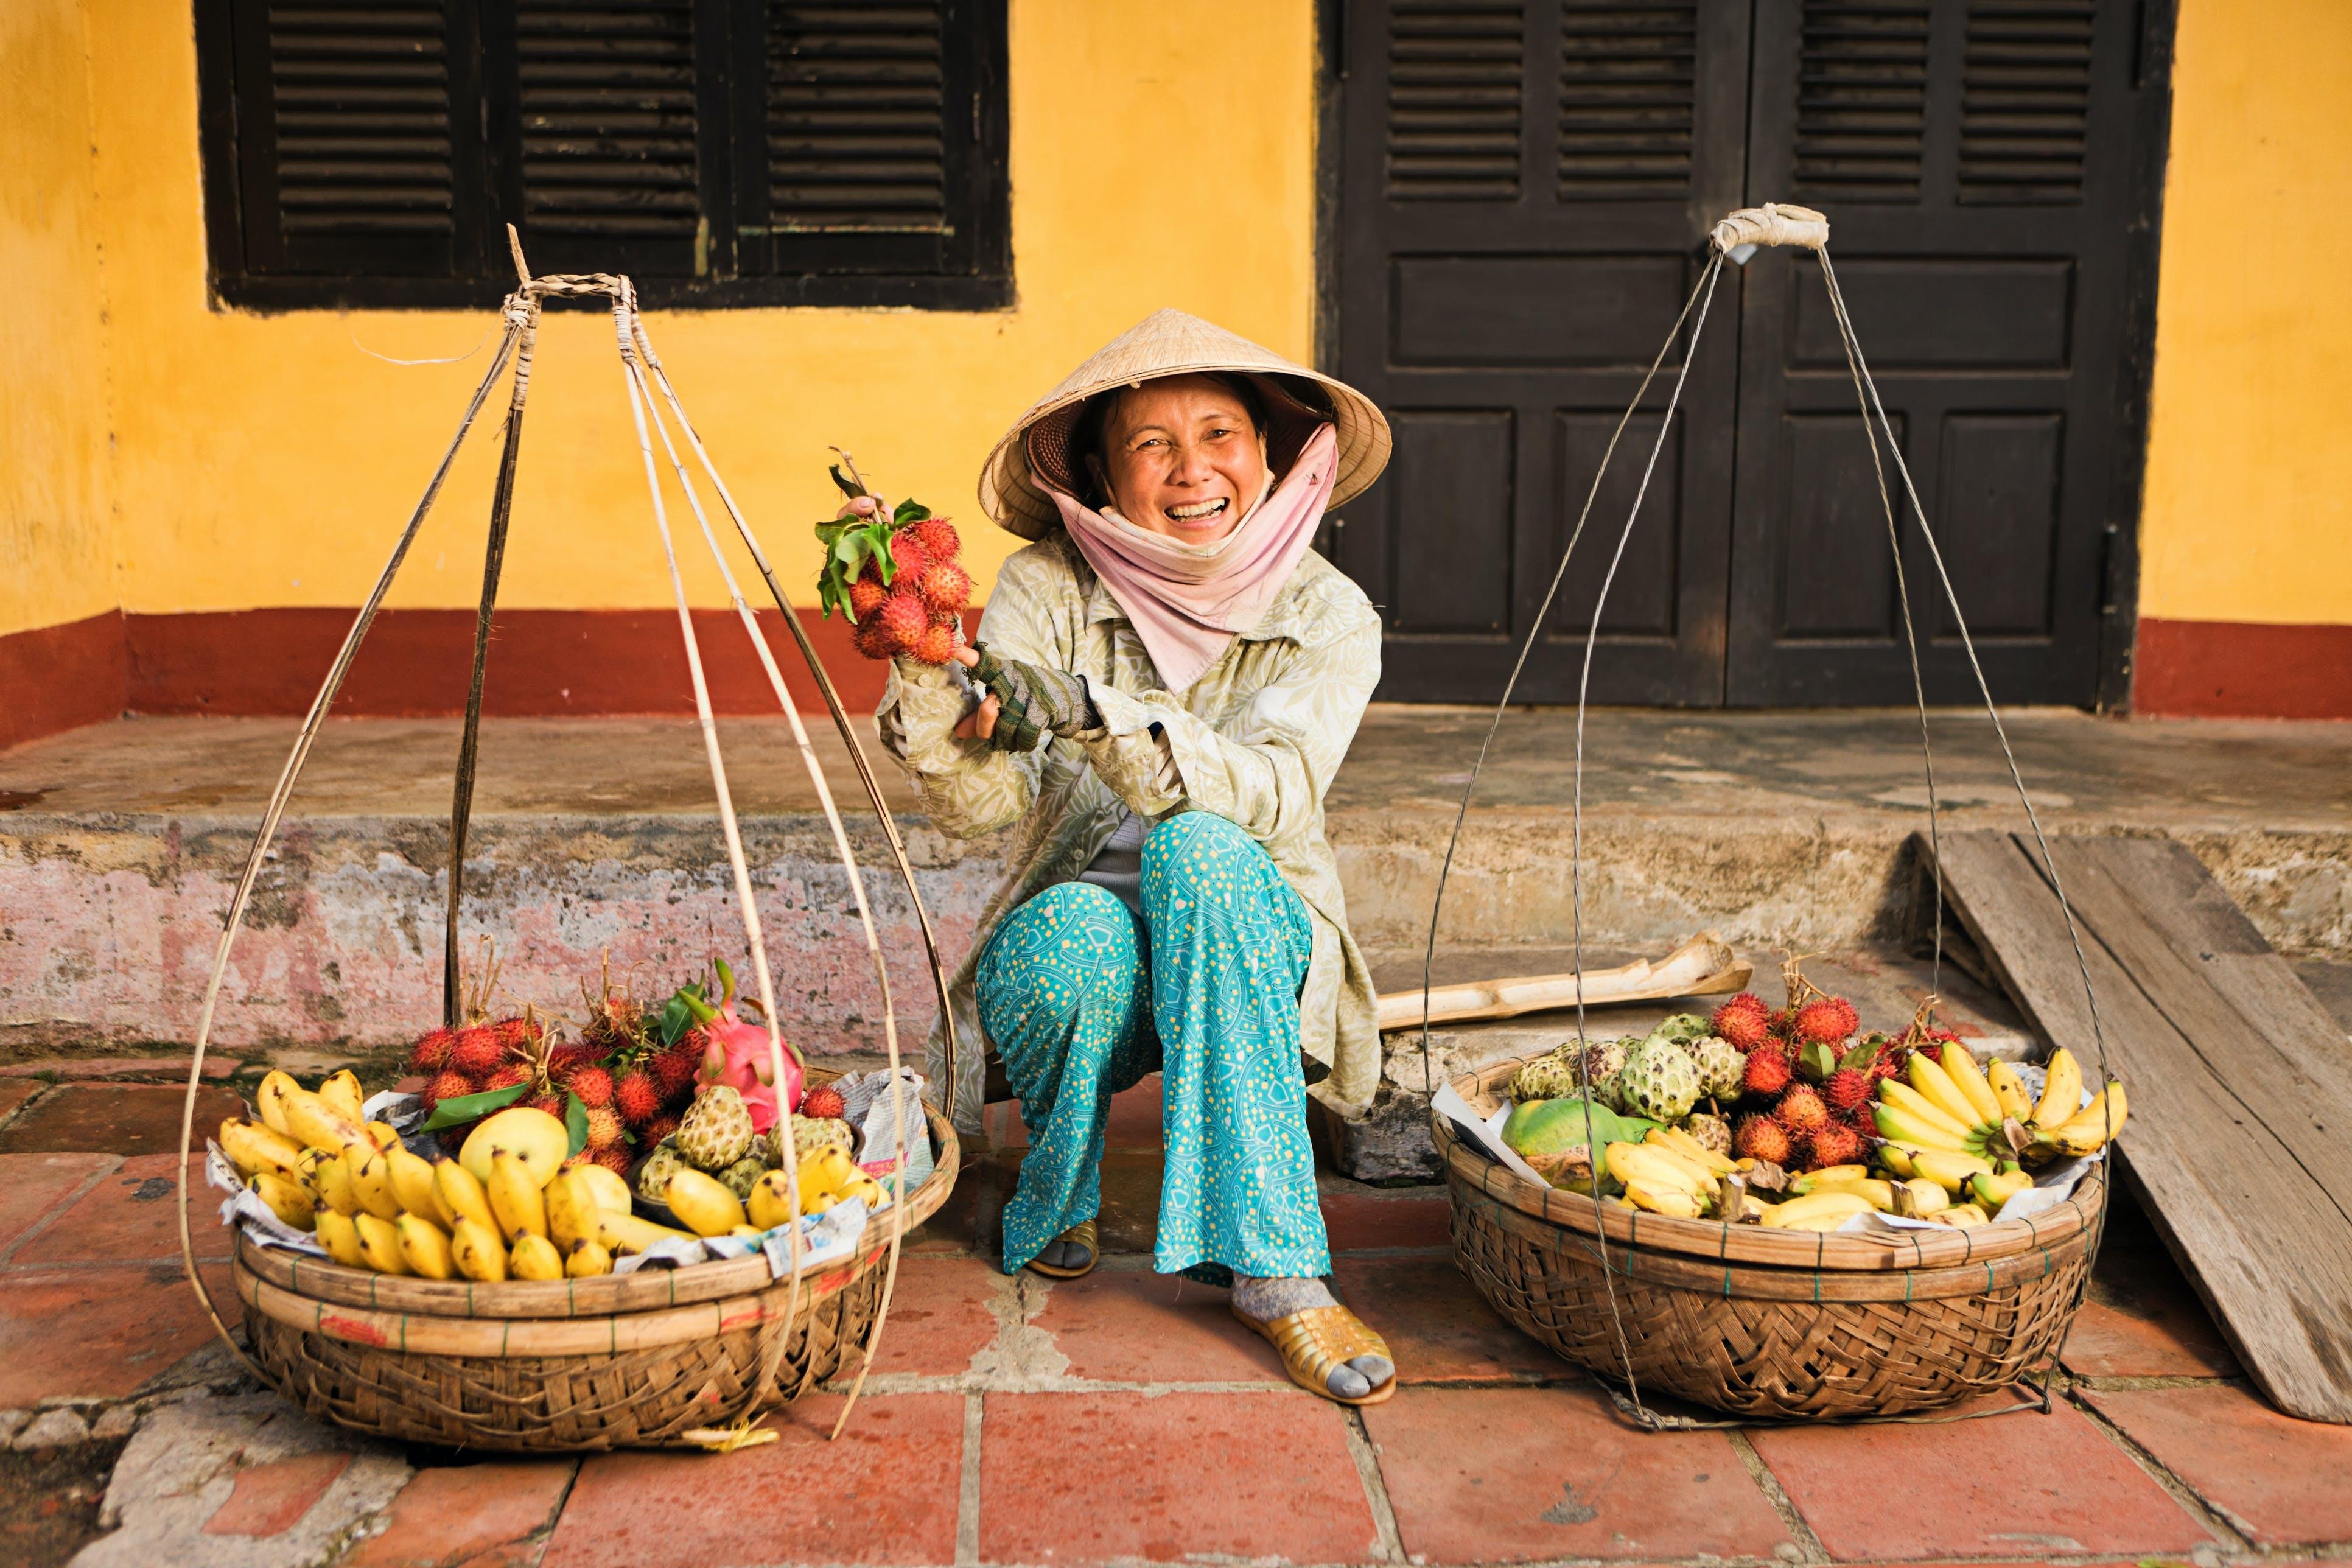 Koop een vieruurtje bij de lokale fruitverkopers